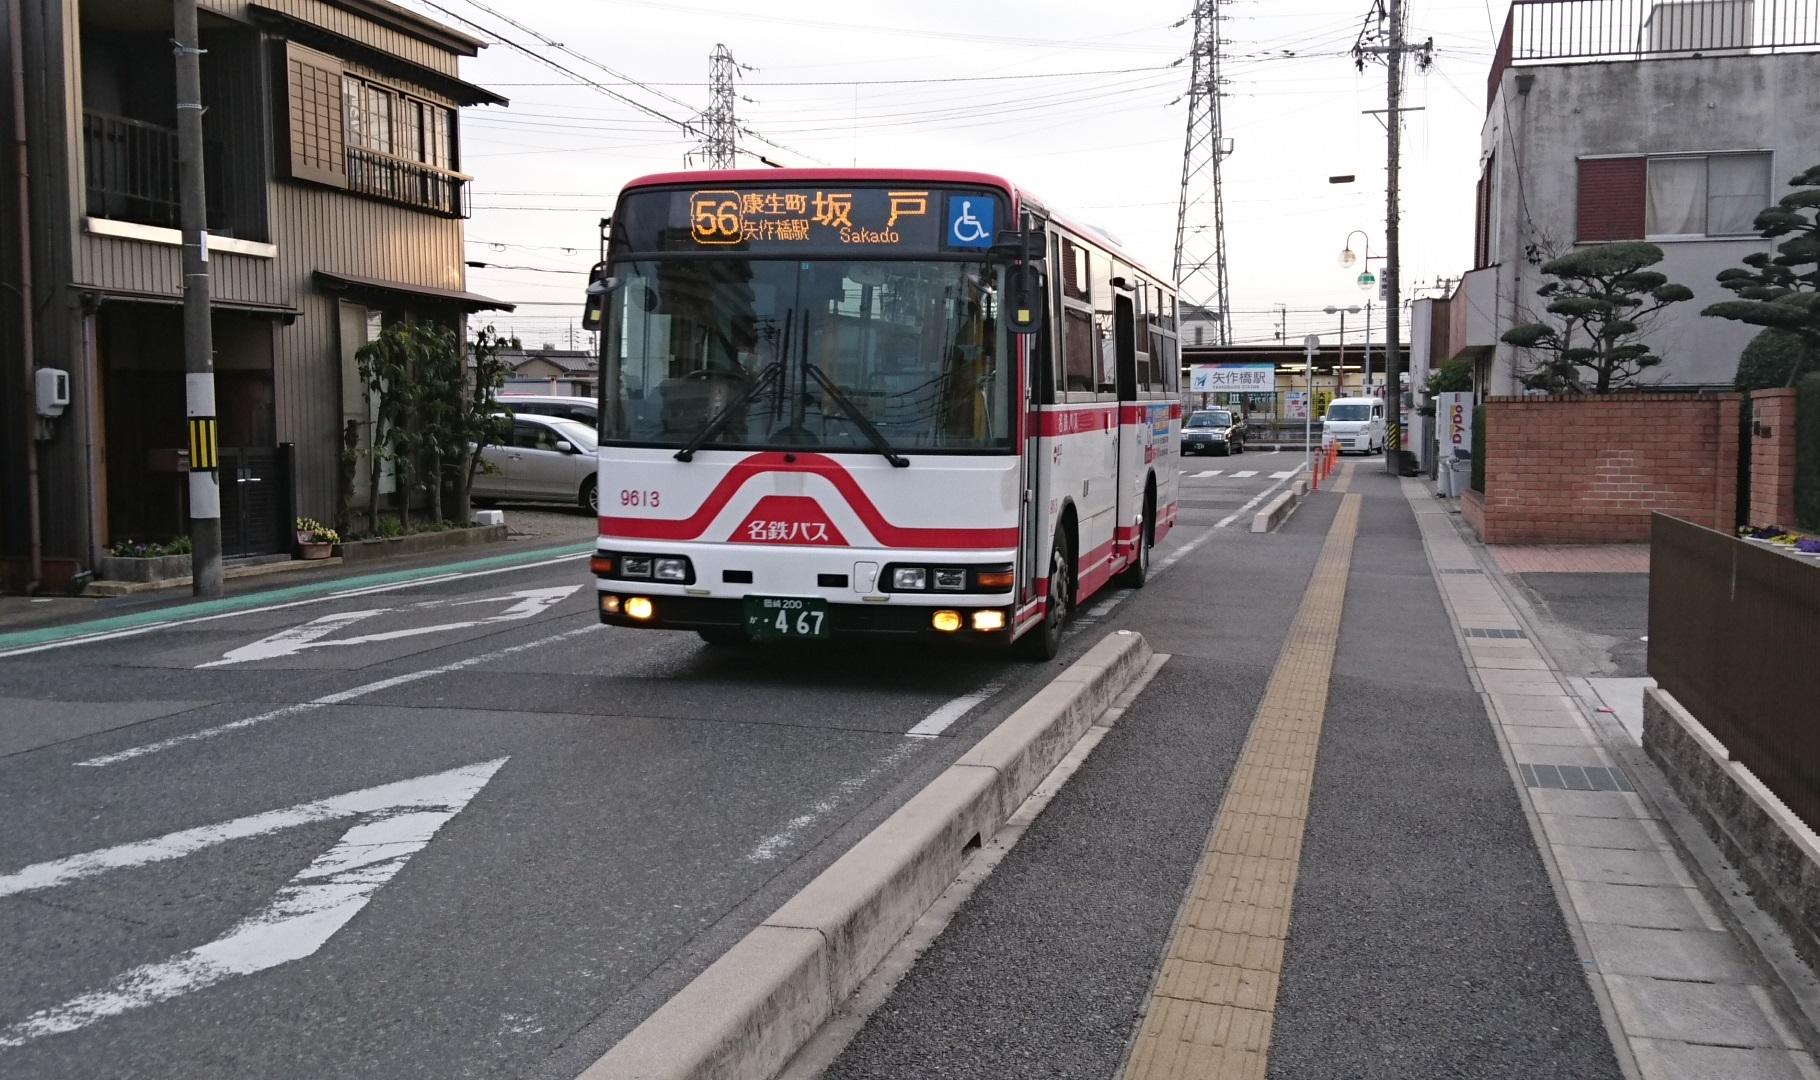 2017.2.8 名鉄バス (21) 矢作橋駅バス停 - 坂戸いきバス 1820-1080